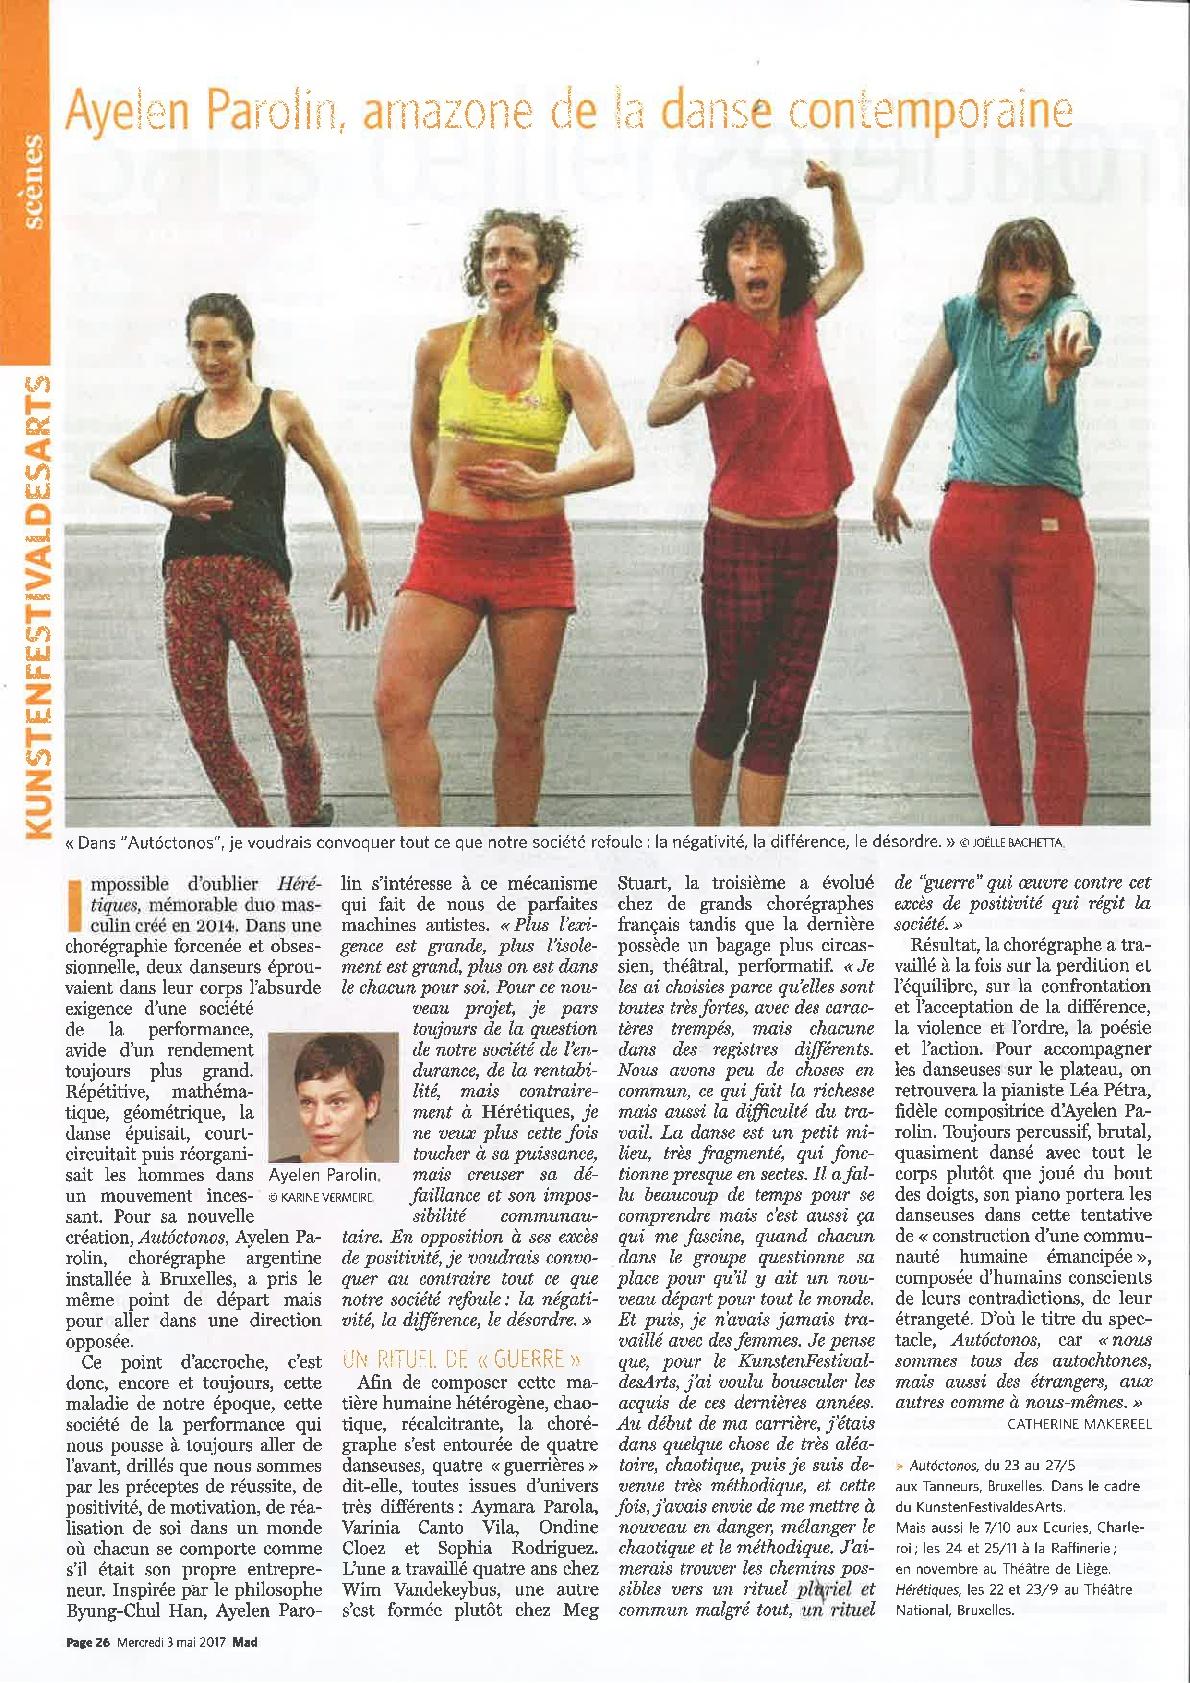 Article de Catherine Makereel dans le Le Soir/MAD du mercredi 3 mai